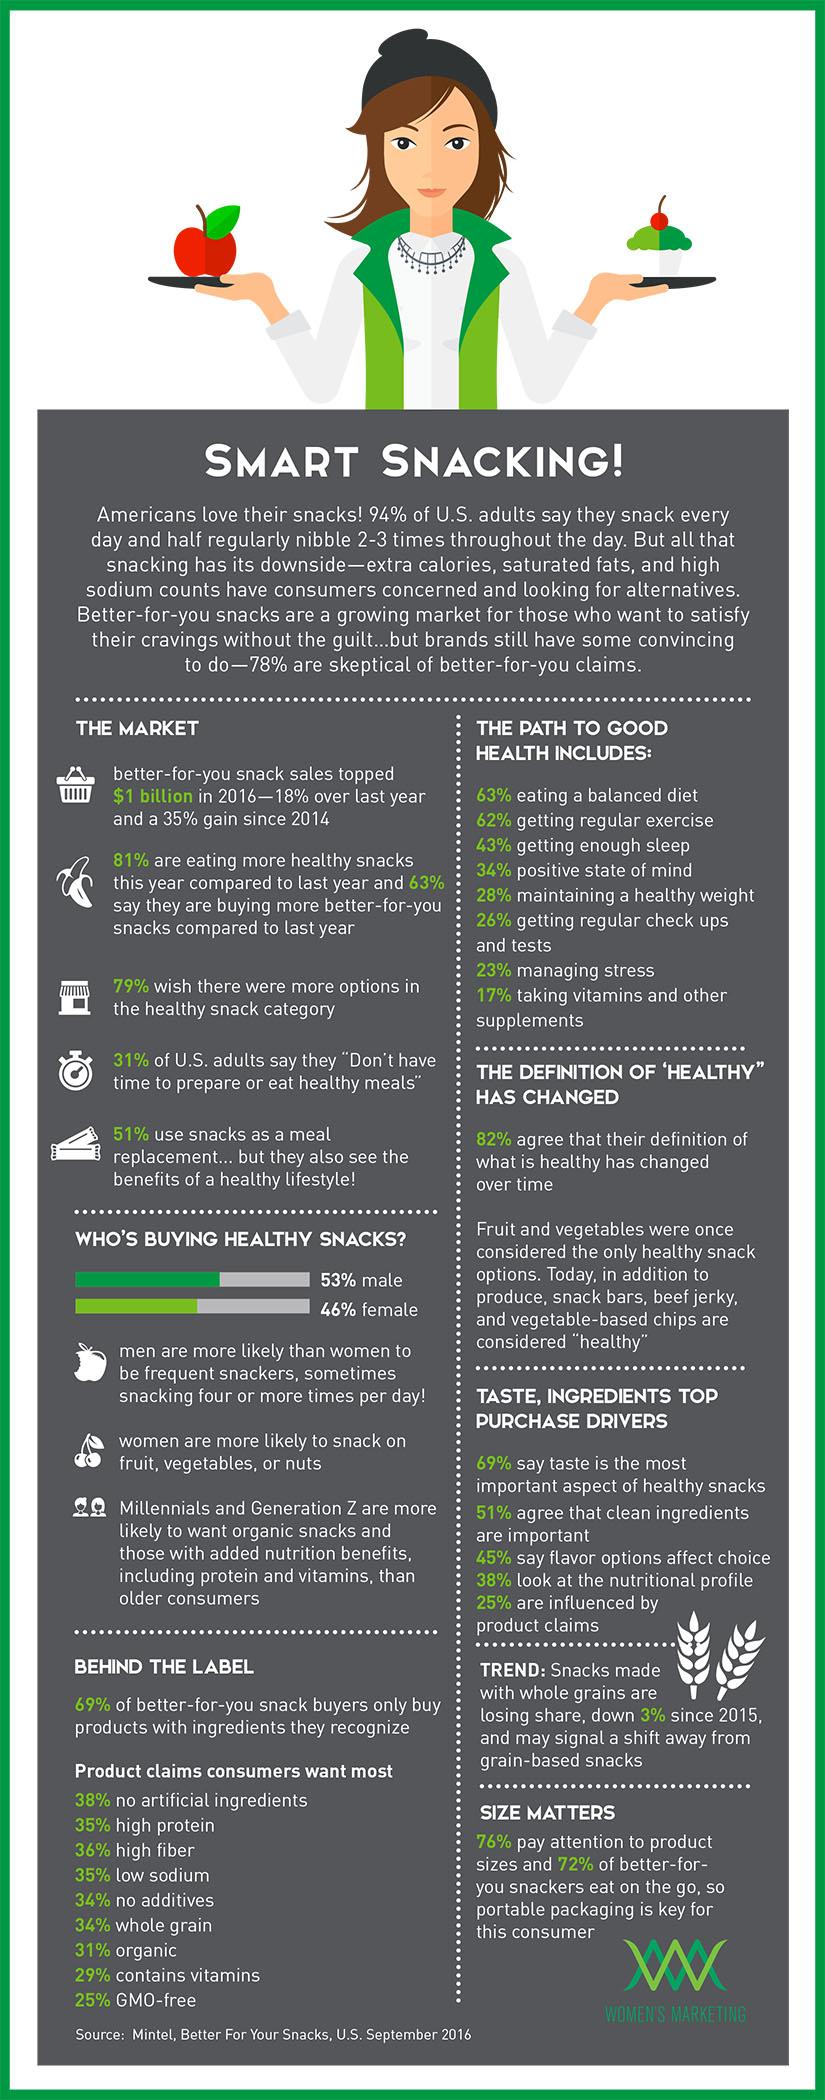 SmartSnacking_Infographic.jpg